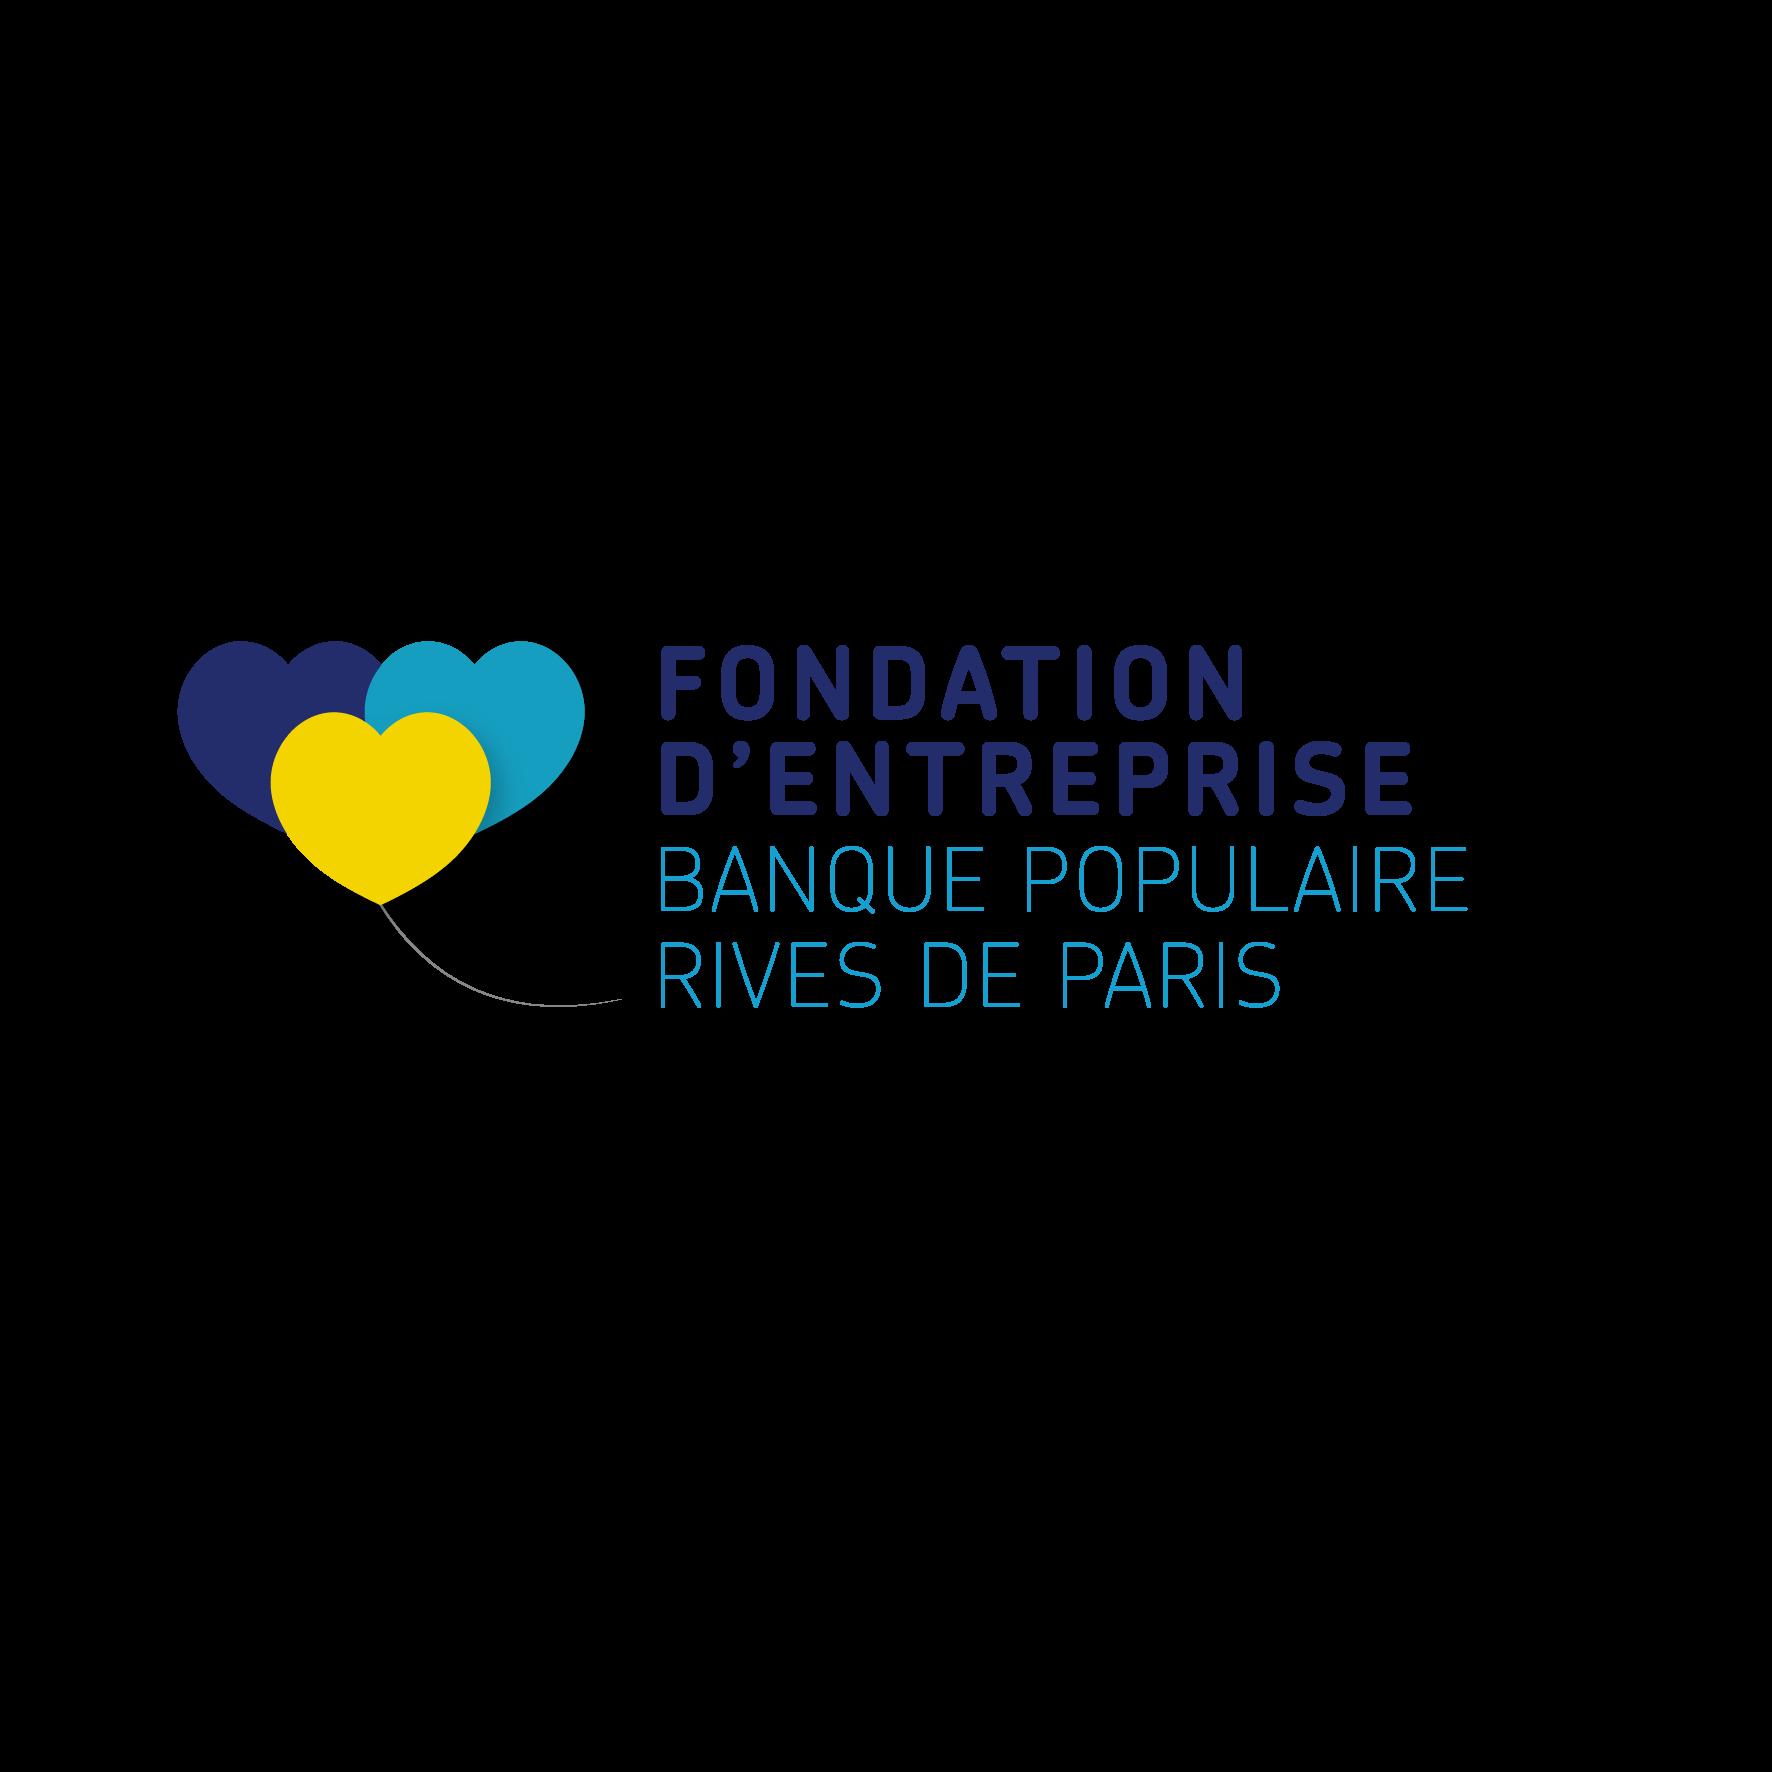 07_LOGO FONDATION ENTREPRISE BP RIVES PARIS